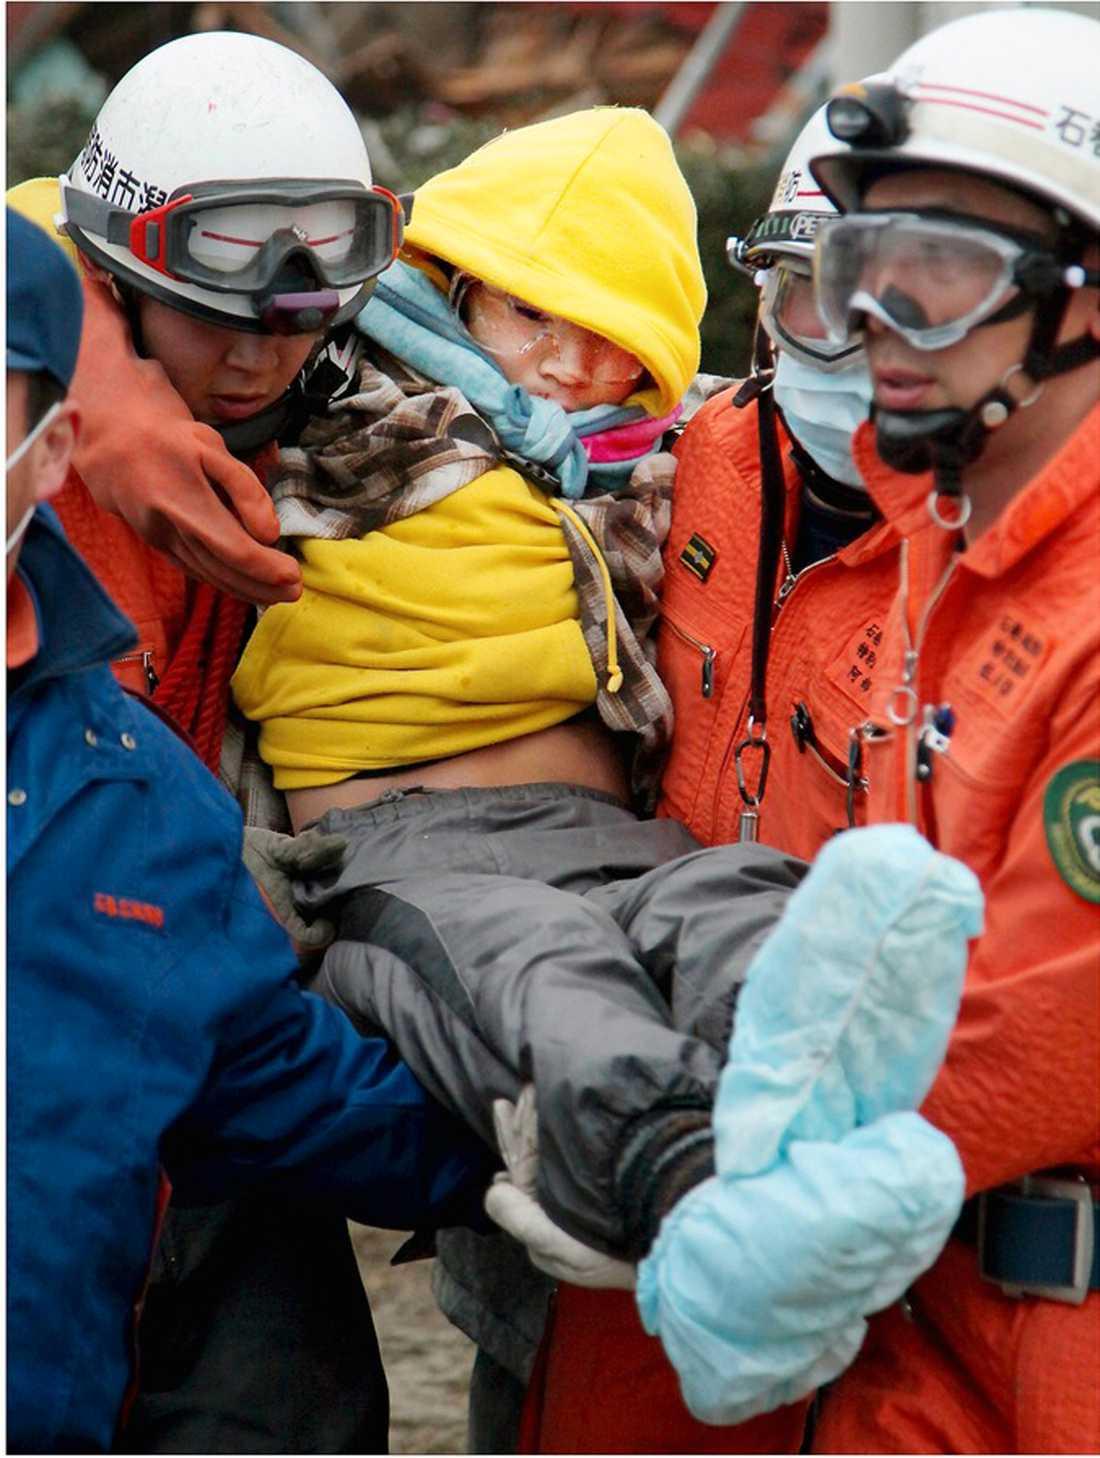 desperata rop på hjälp Jin Abe, 16, lyckades ta sig upp på det raserade husets tak och ropade desperat på hjälp.  Han upptäcktes till slut av en helikopter. Jin lyckades också hämta lite yoghurt i kylskåpet som de livnärde sig på.